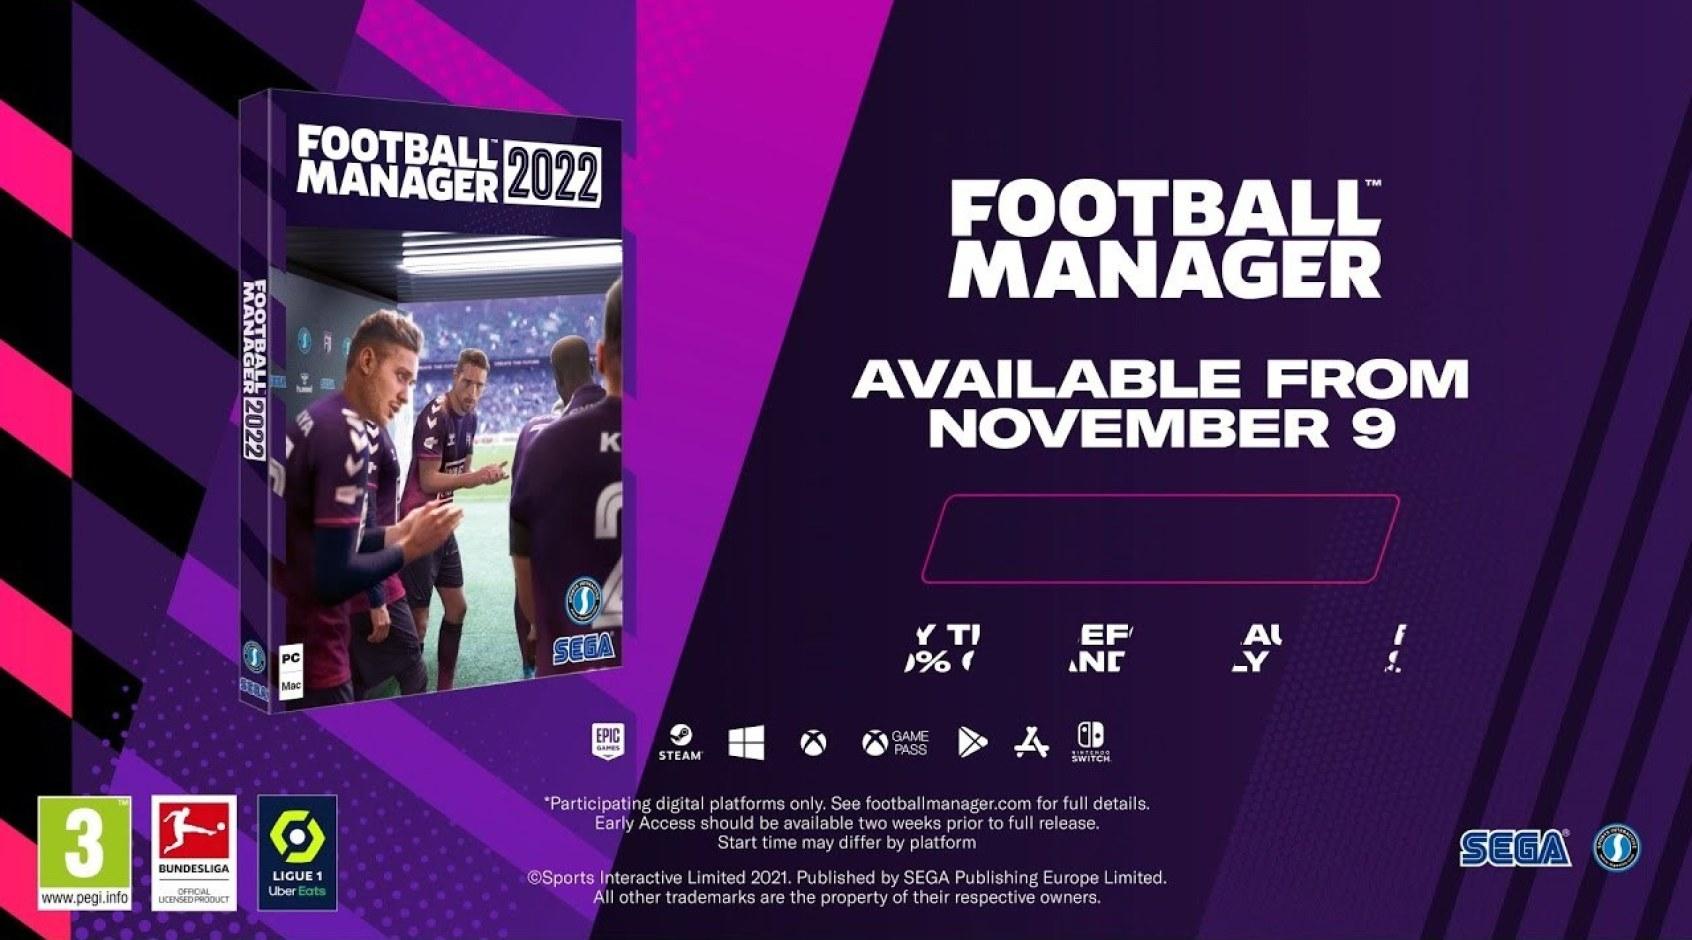 Презентация Football Manager 2022 (Видео)